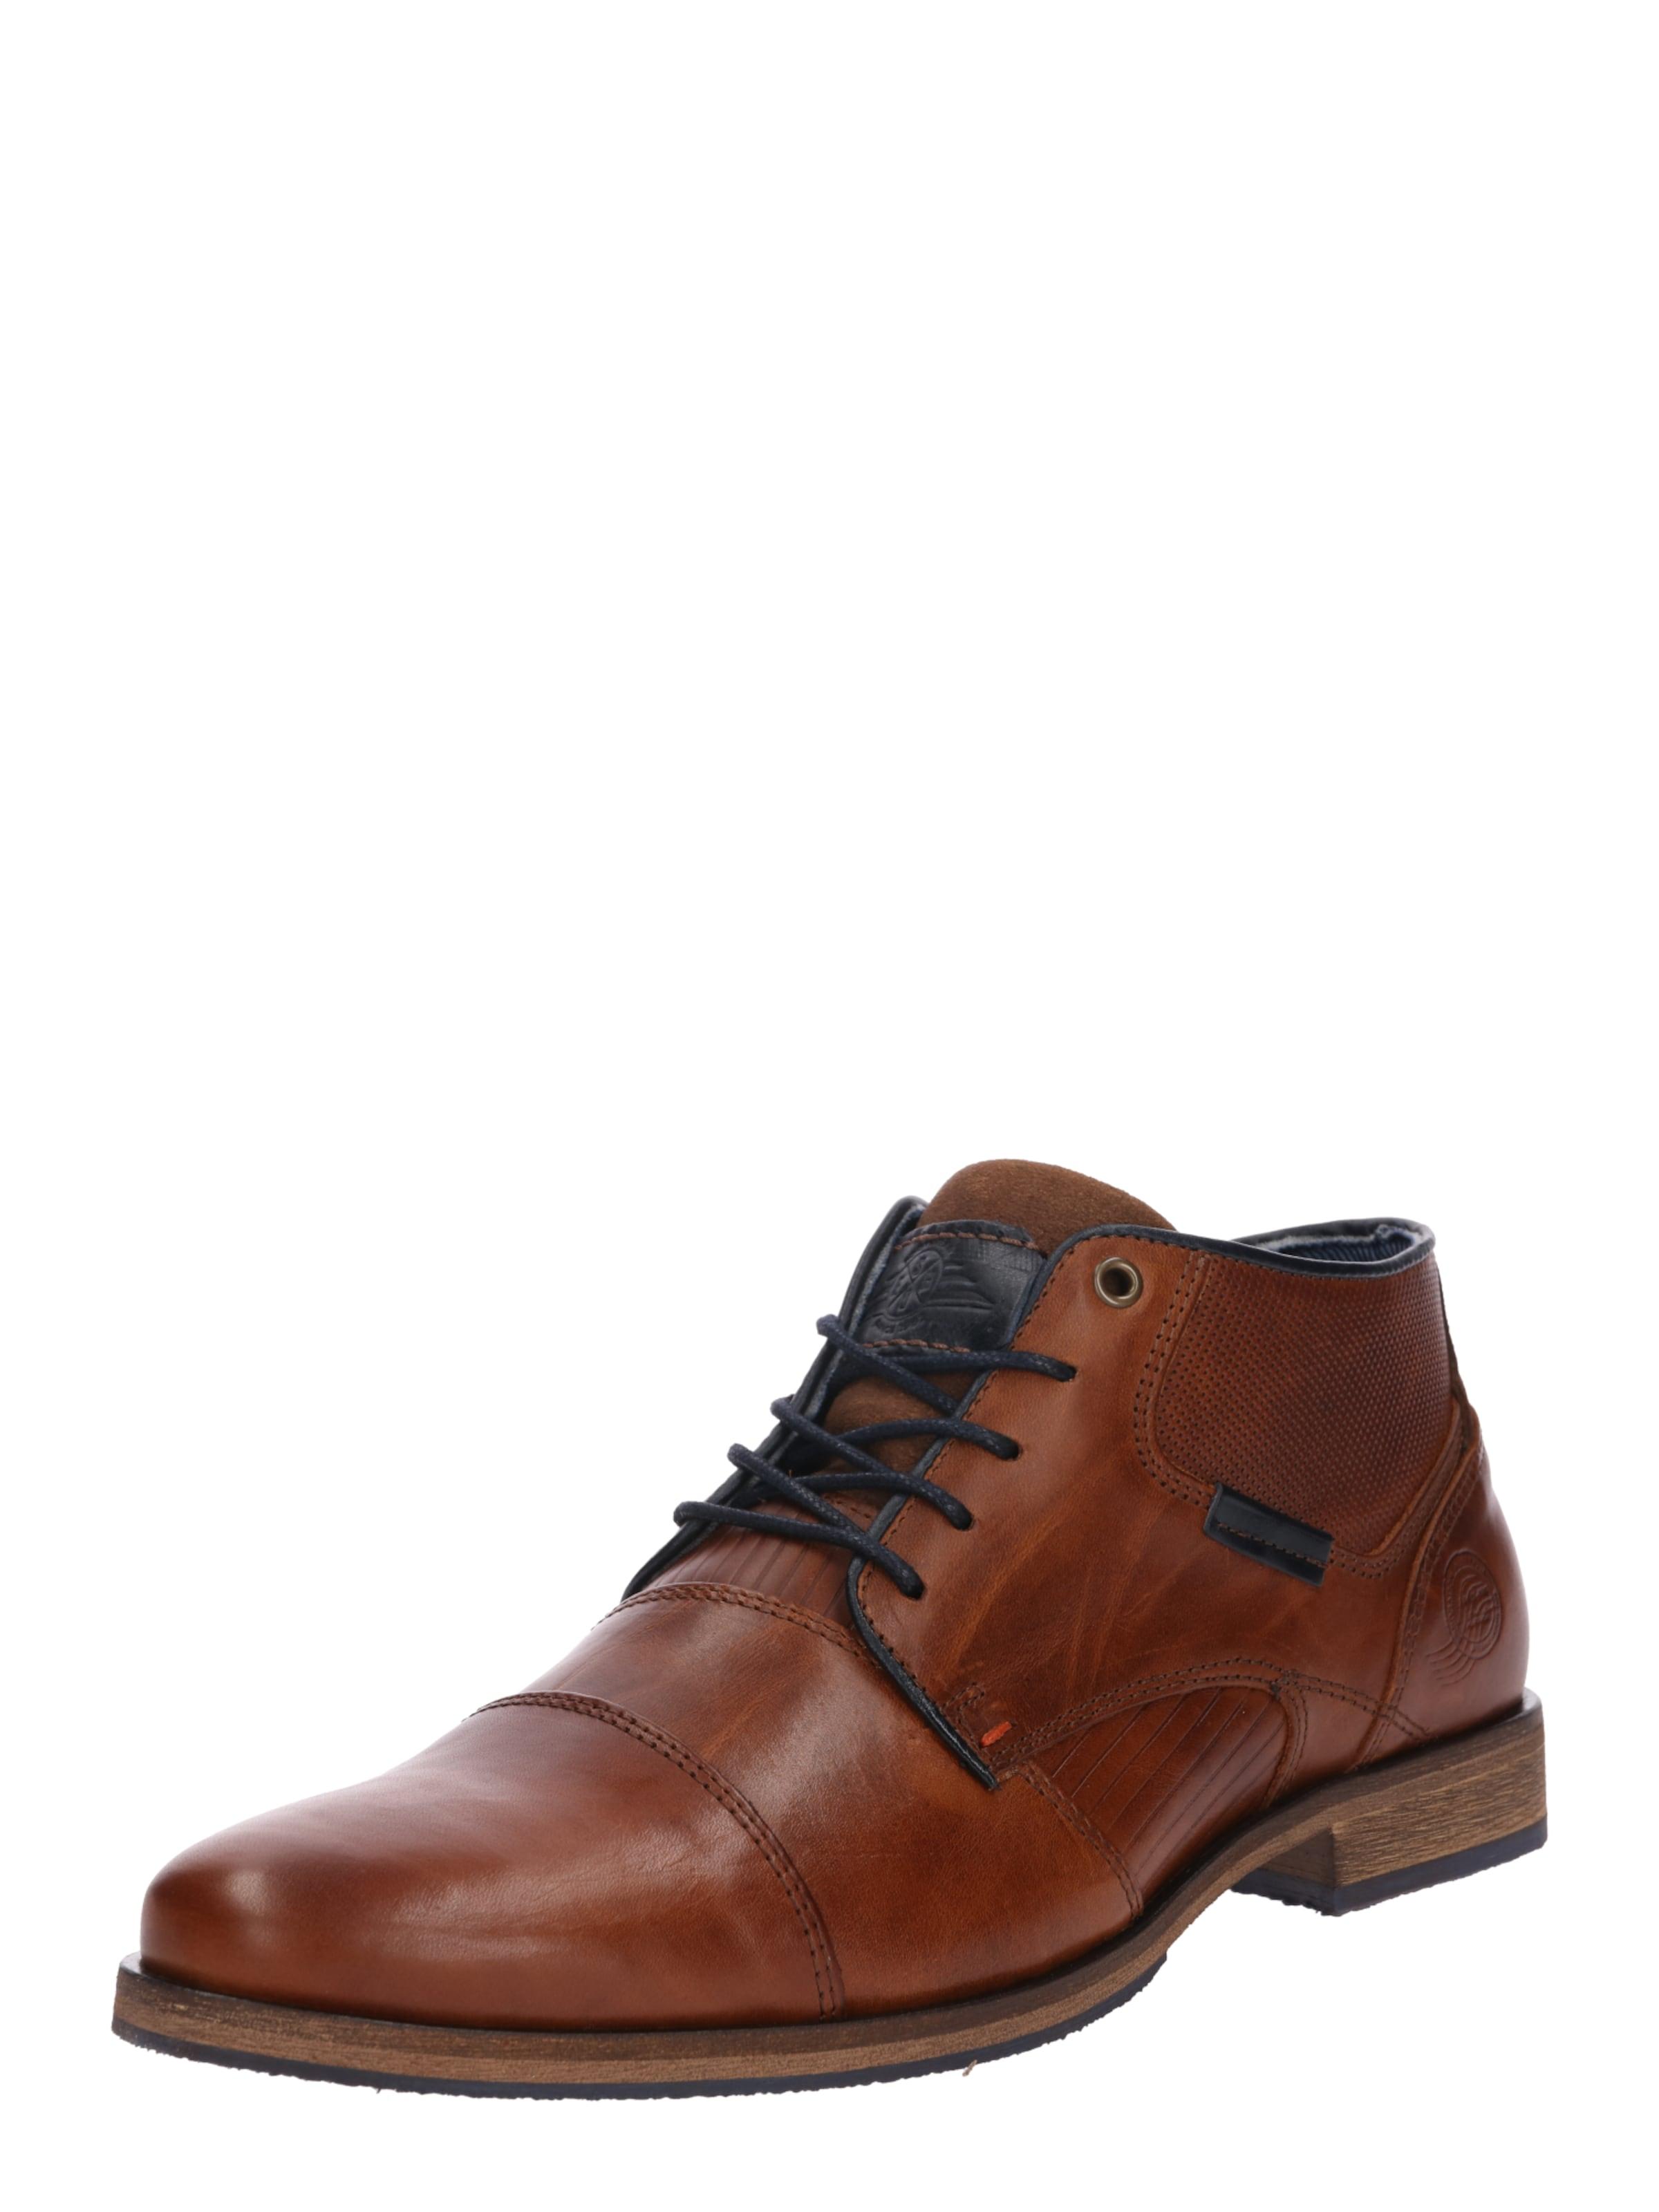 BULLBOXER Halbschuh Günstige und langlebige Schuhe